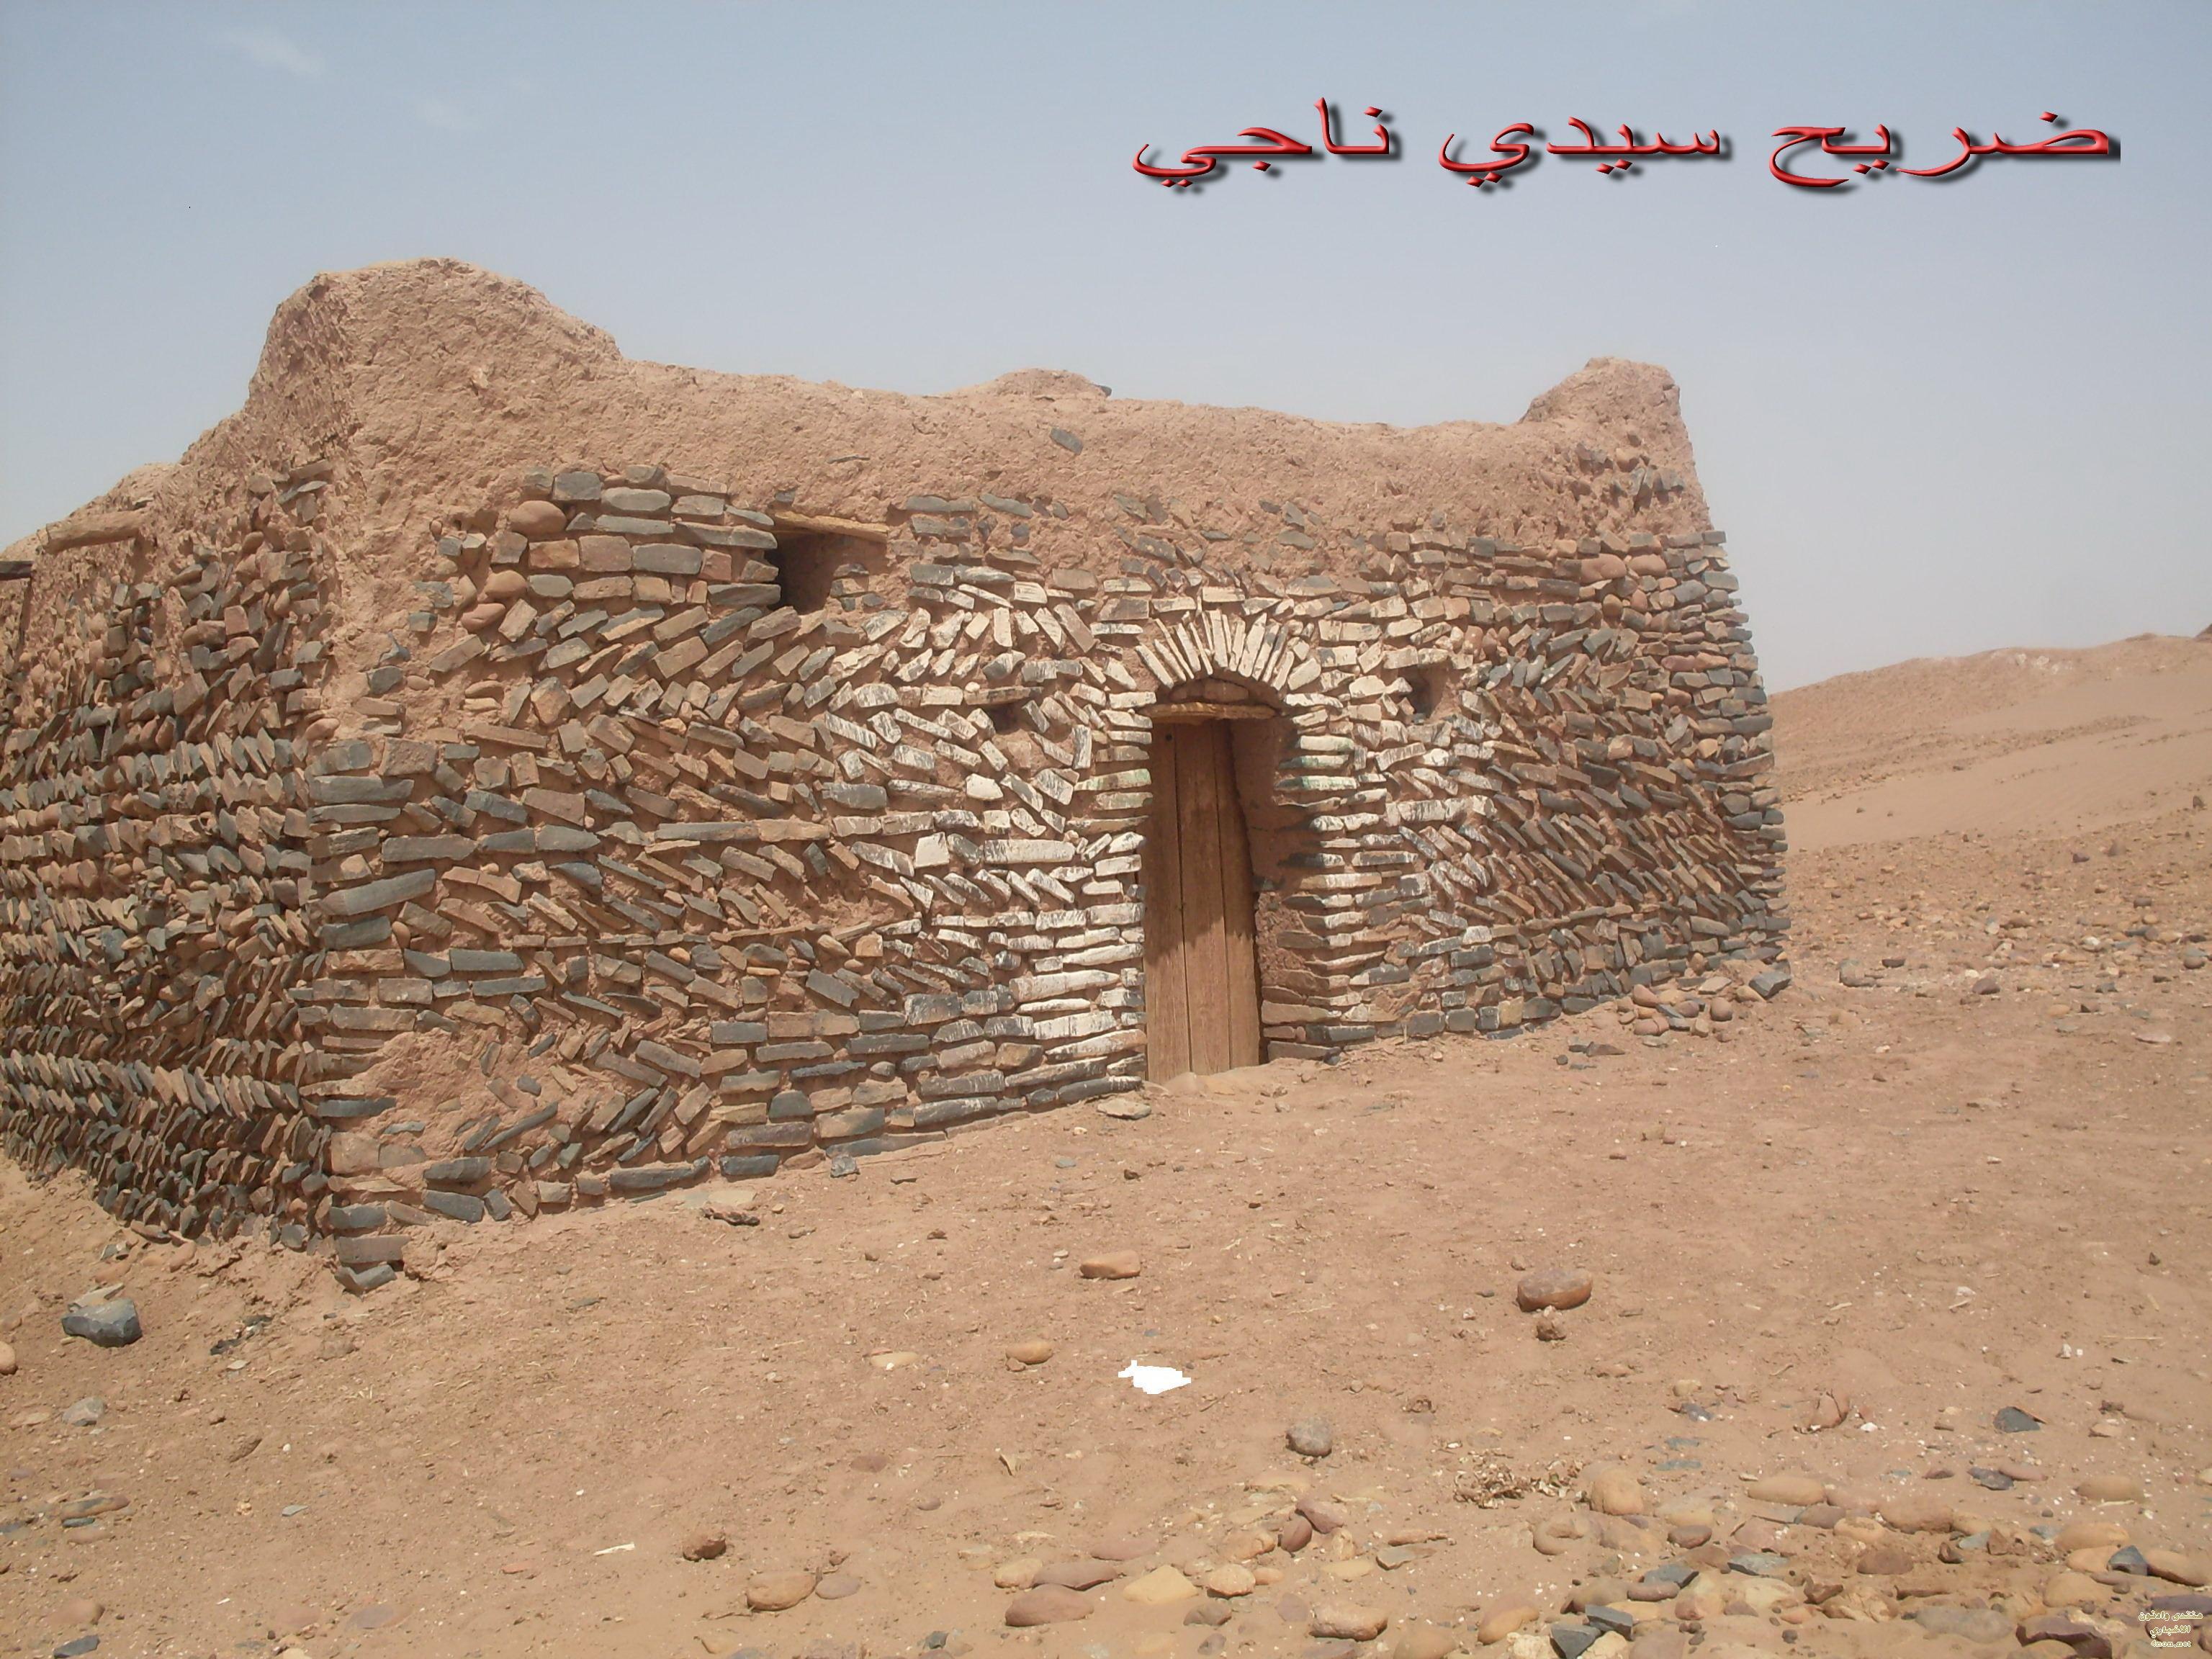 المهرجان الثقافي والسياحي بامحاميد الغزلان. زاكورة موسم  الولي الصالح سيدي ناجي 2012